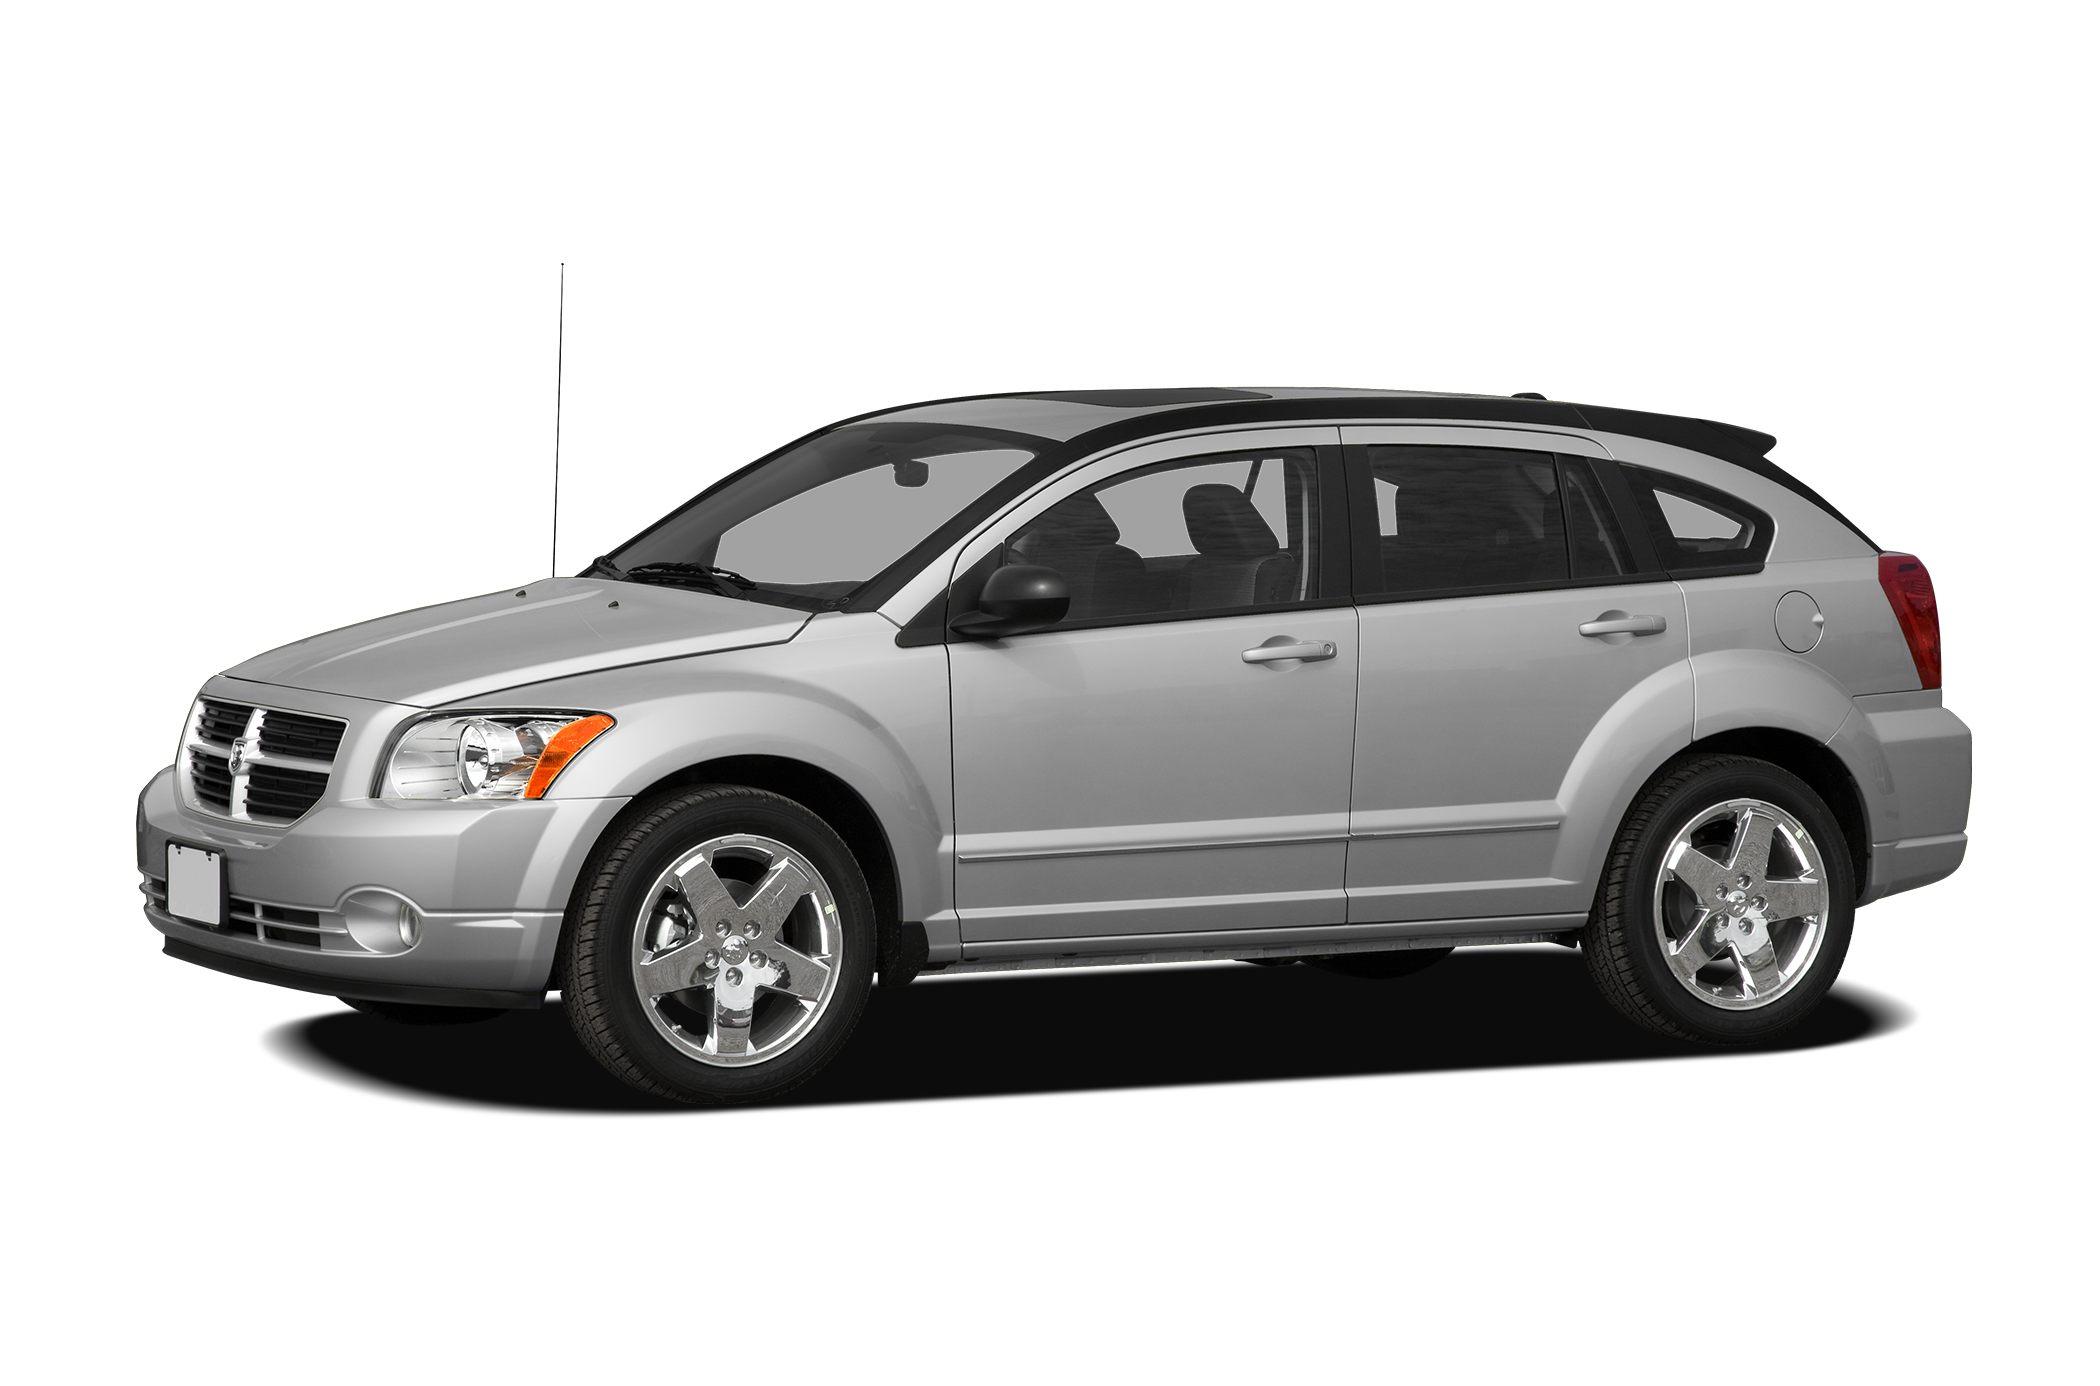 2010 Dodge Caliber SXT Miles 74252Stock 530245 VIN 1B3CB4HA5AD530245